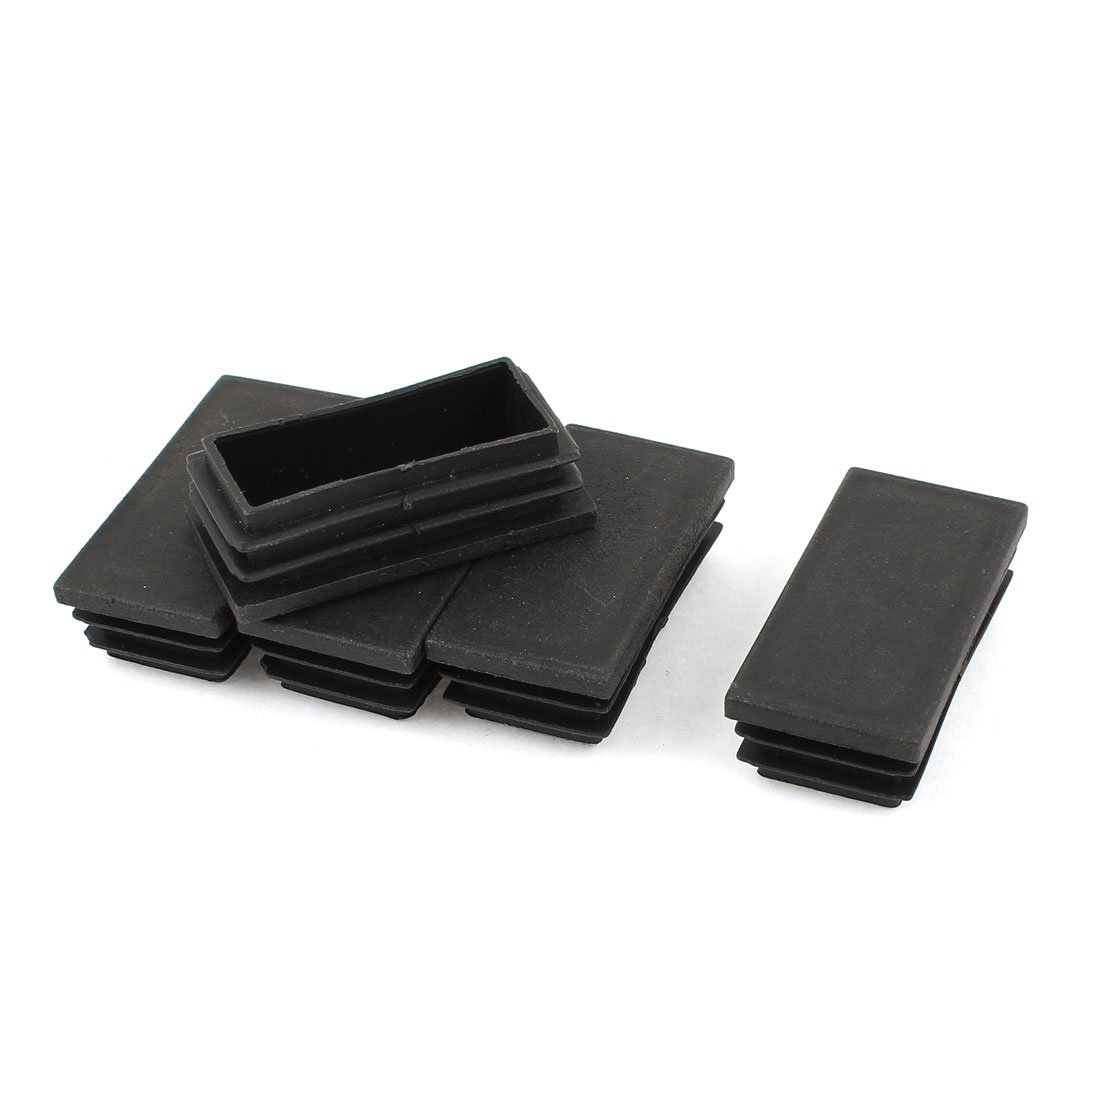 12 Schwarz Kunststoff Rechteck Stanze-Endkappen Rohr-Einsatz 30mm x 30mm